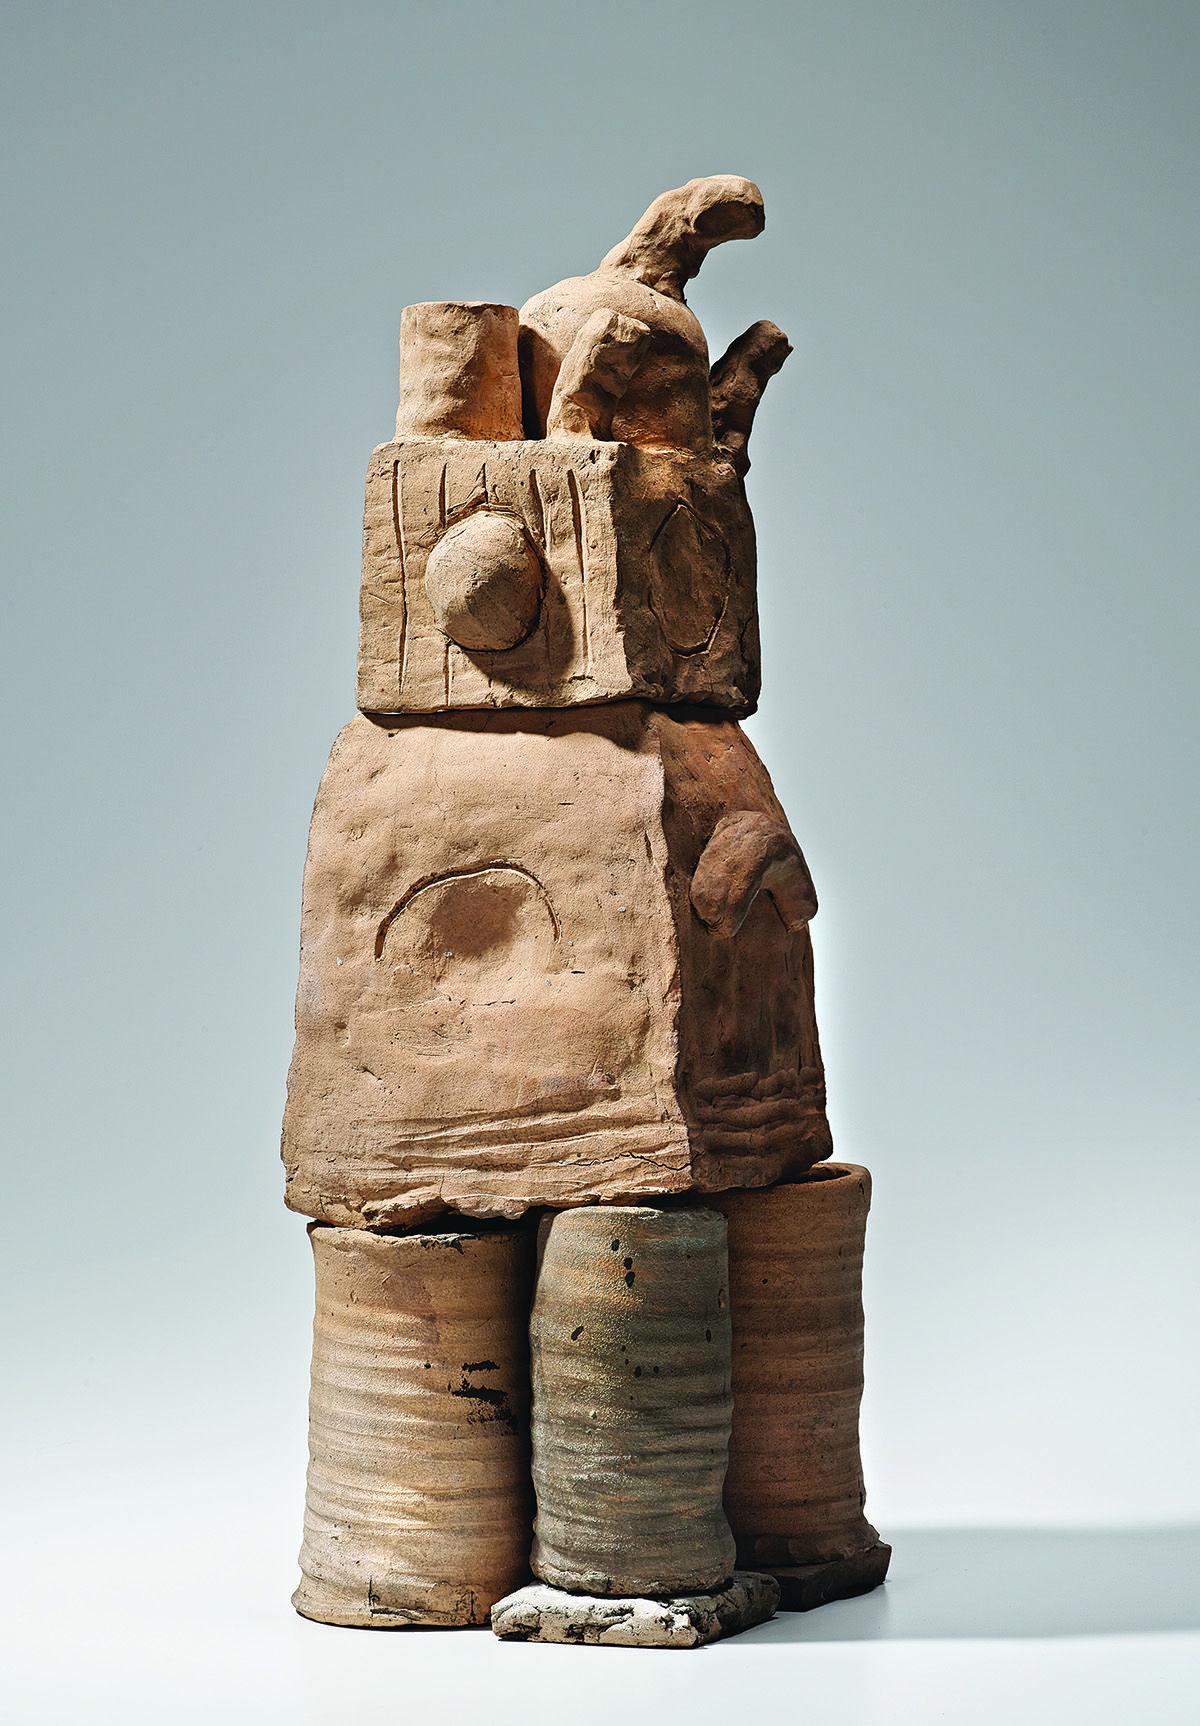 Live Form Women Ceramics And Community By Jenni Sorkin Ceramics Ceramic Sculpture Merce Cunningham